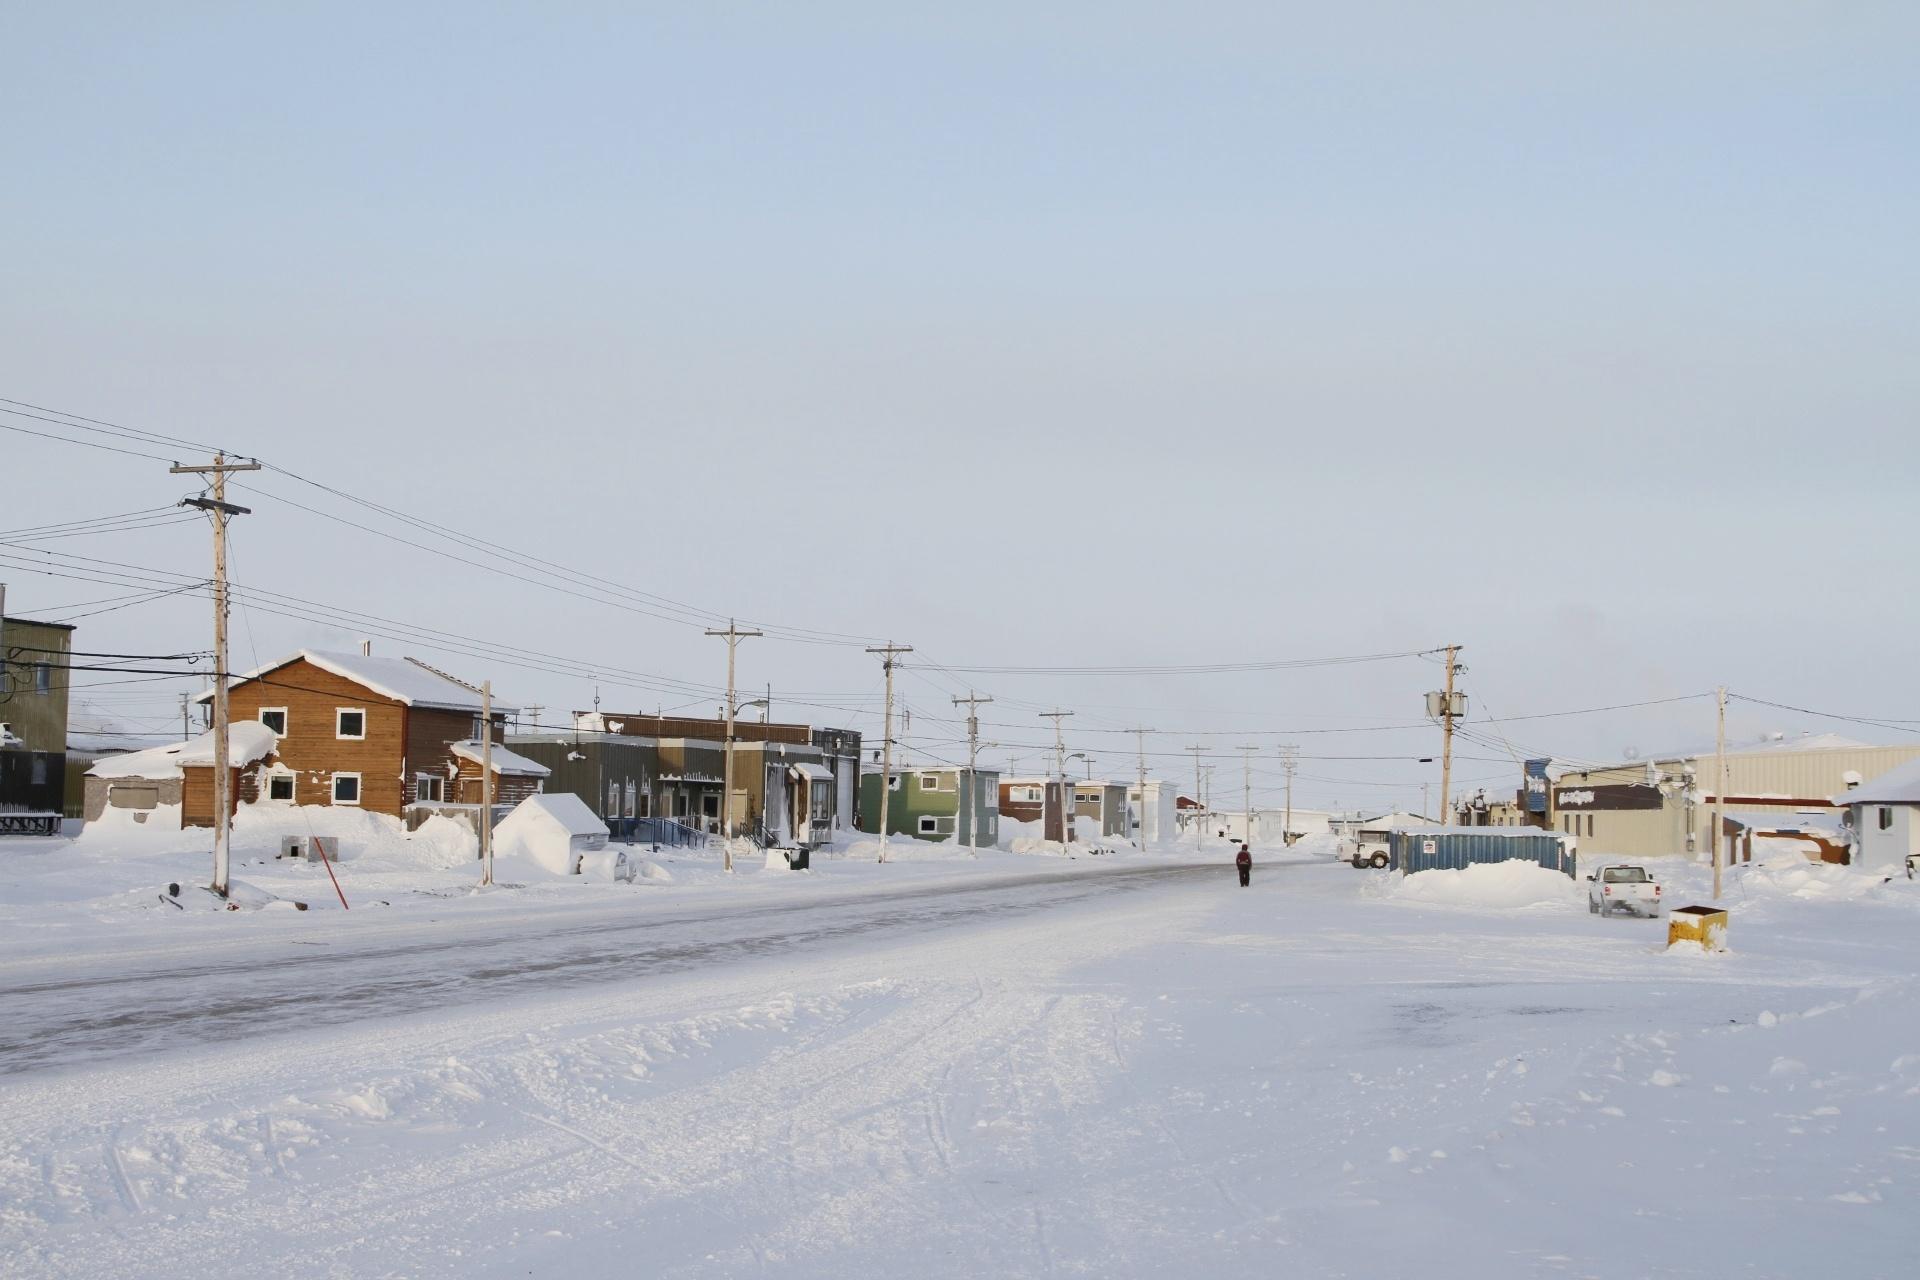 北極圏の風景 ヌナブト準州アルビアトの冬の風景